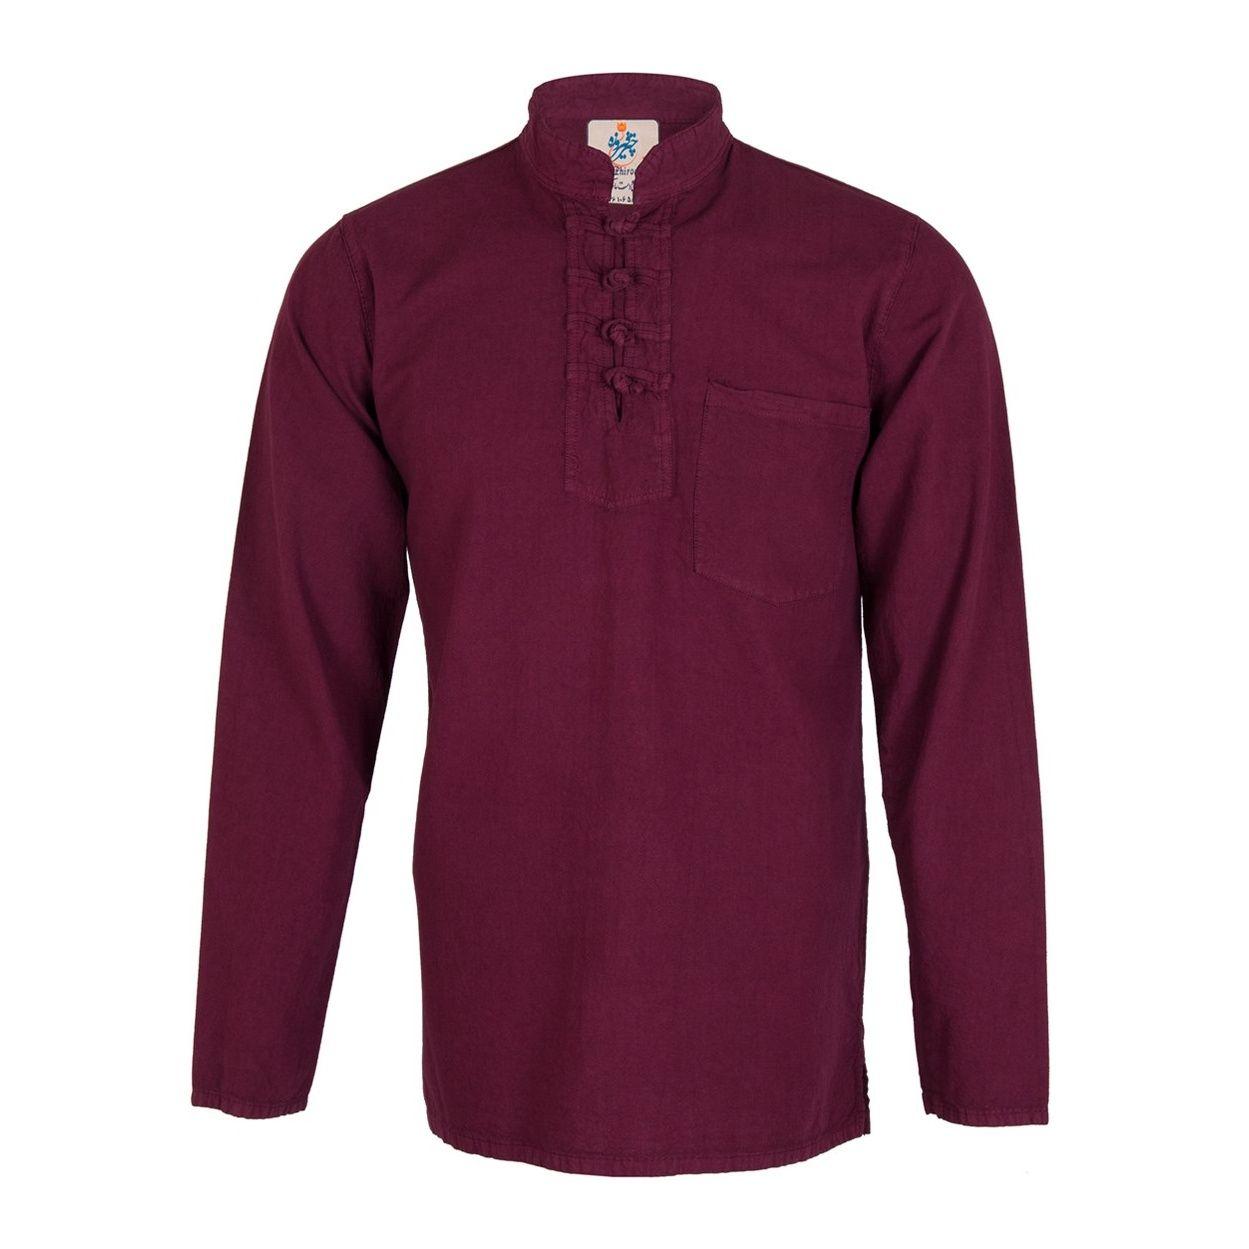 پیراهن مردانه چترفیروزه کد 6 -  - 1